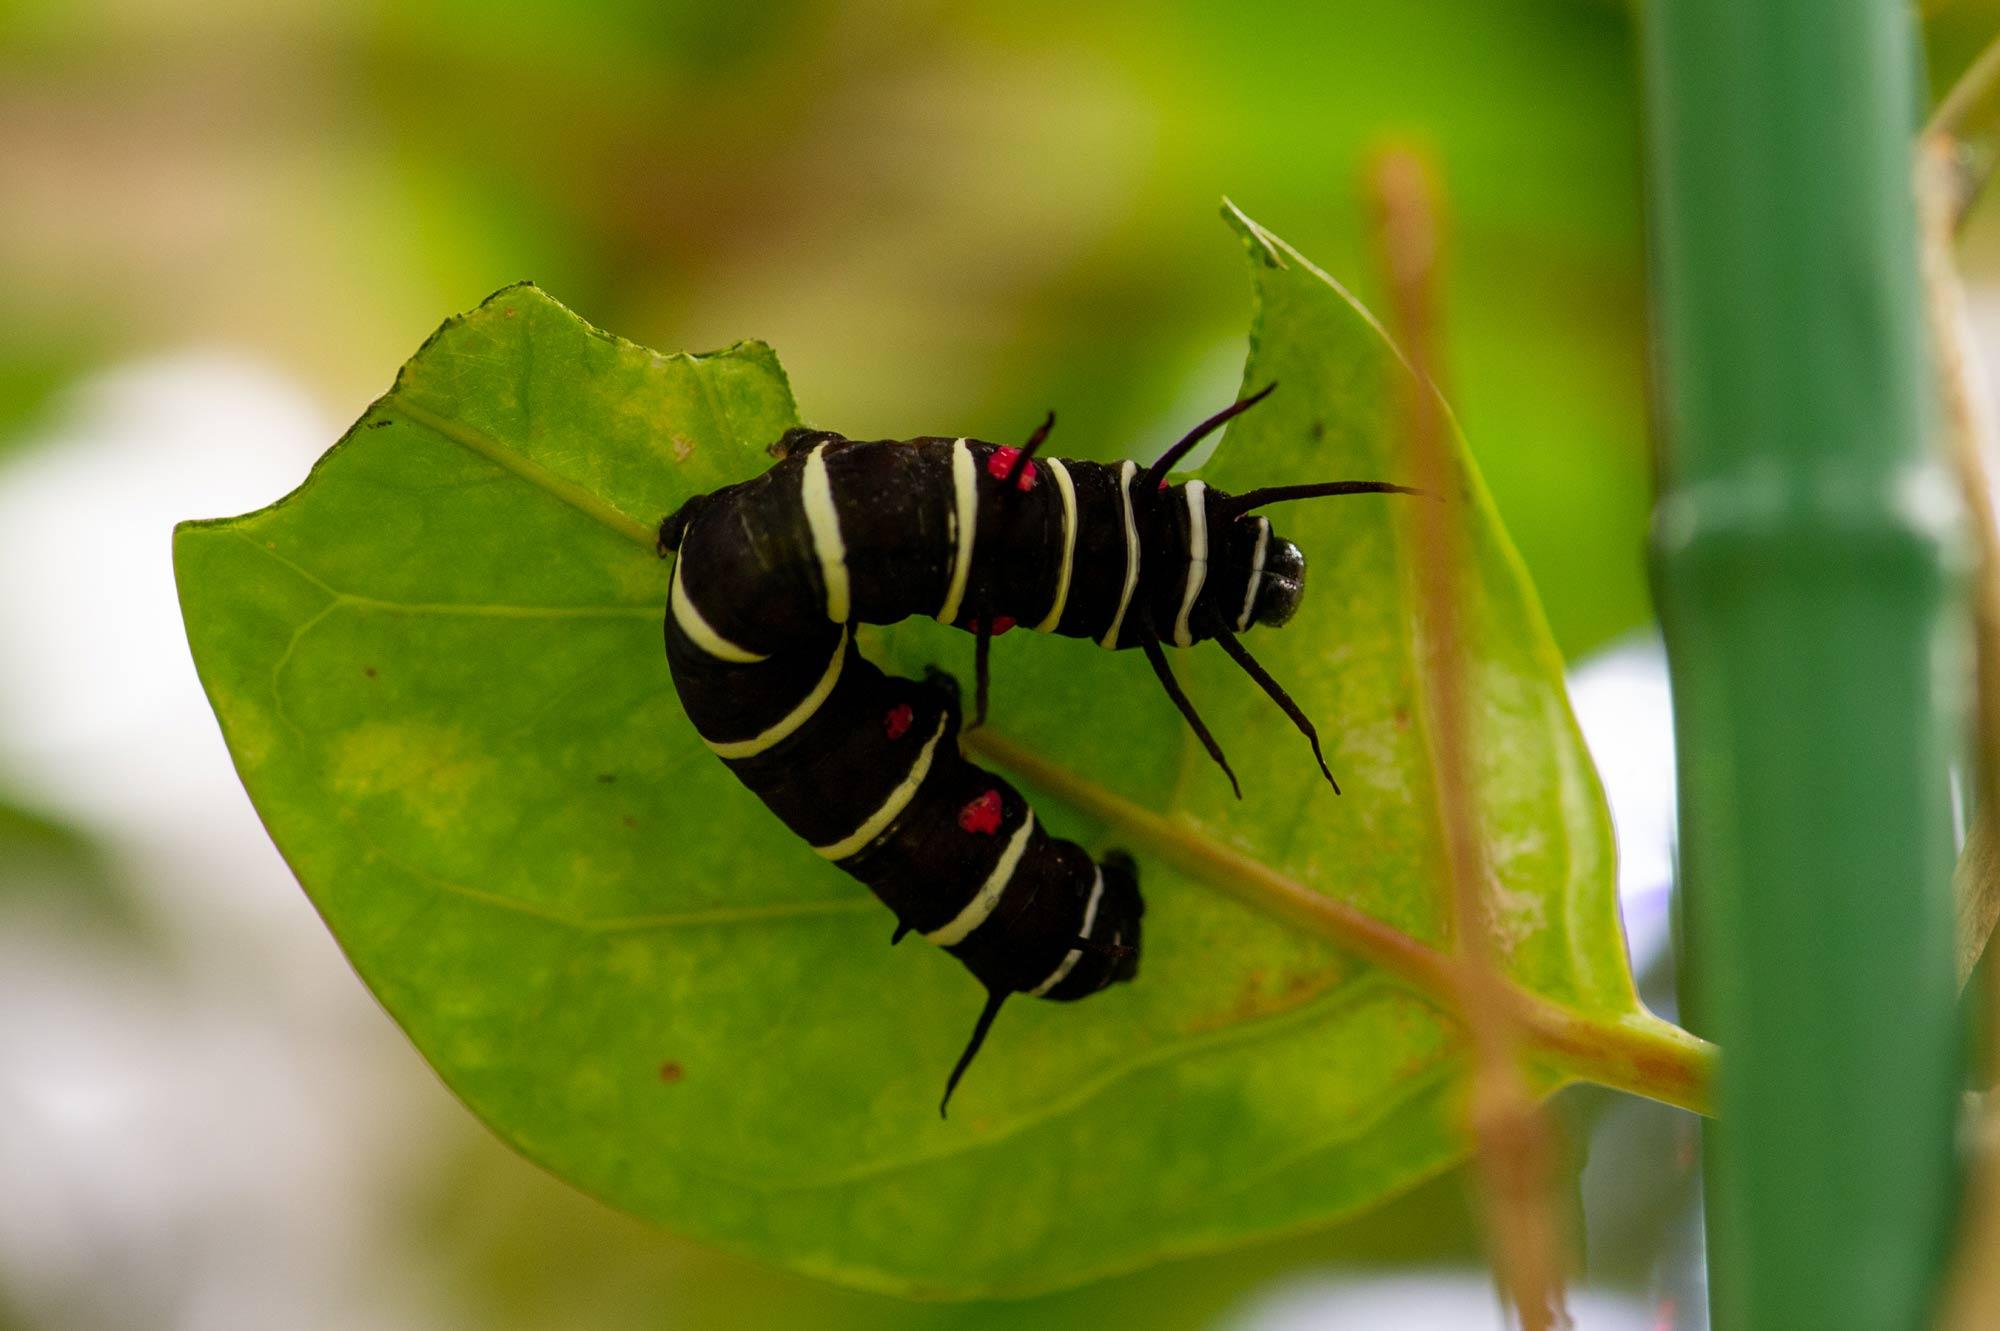 オオゴマダラの幼虫の写真